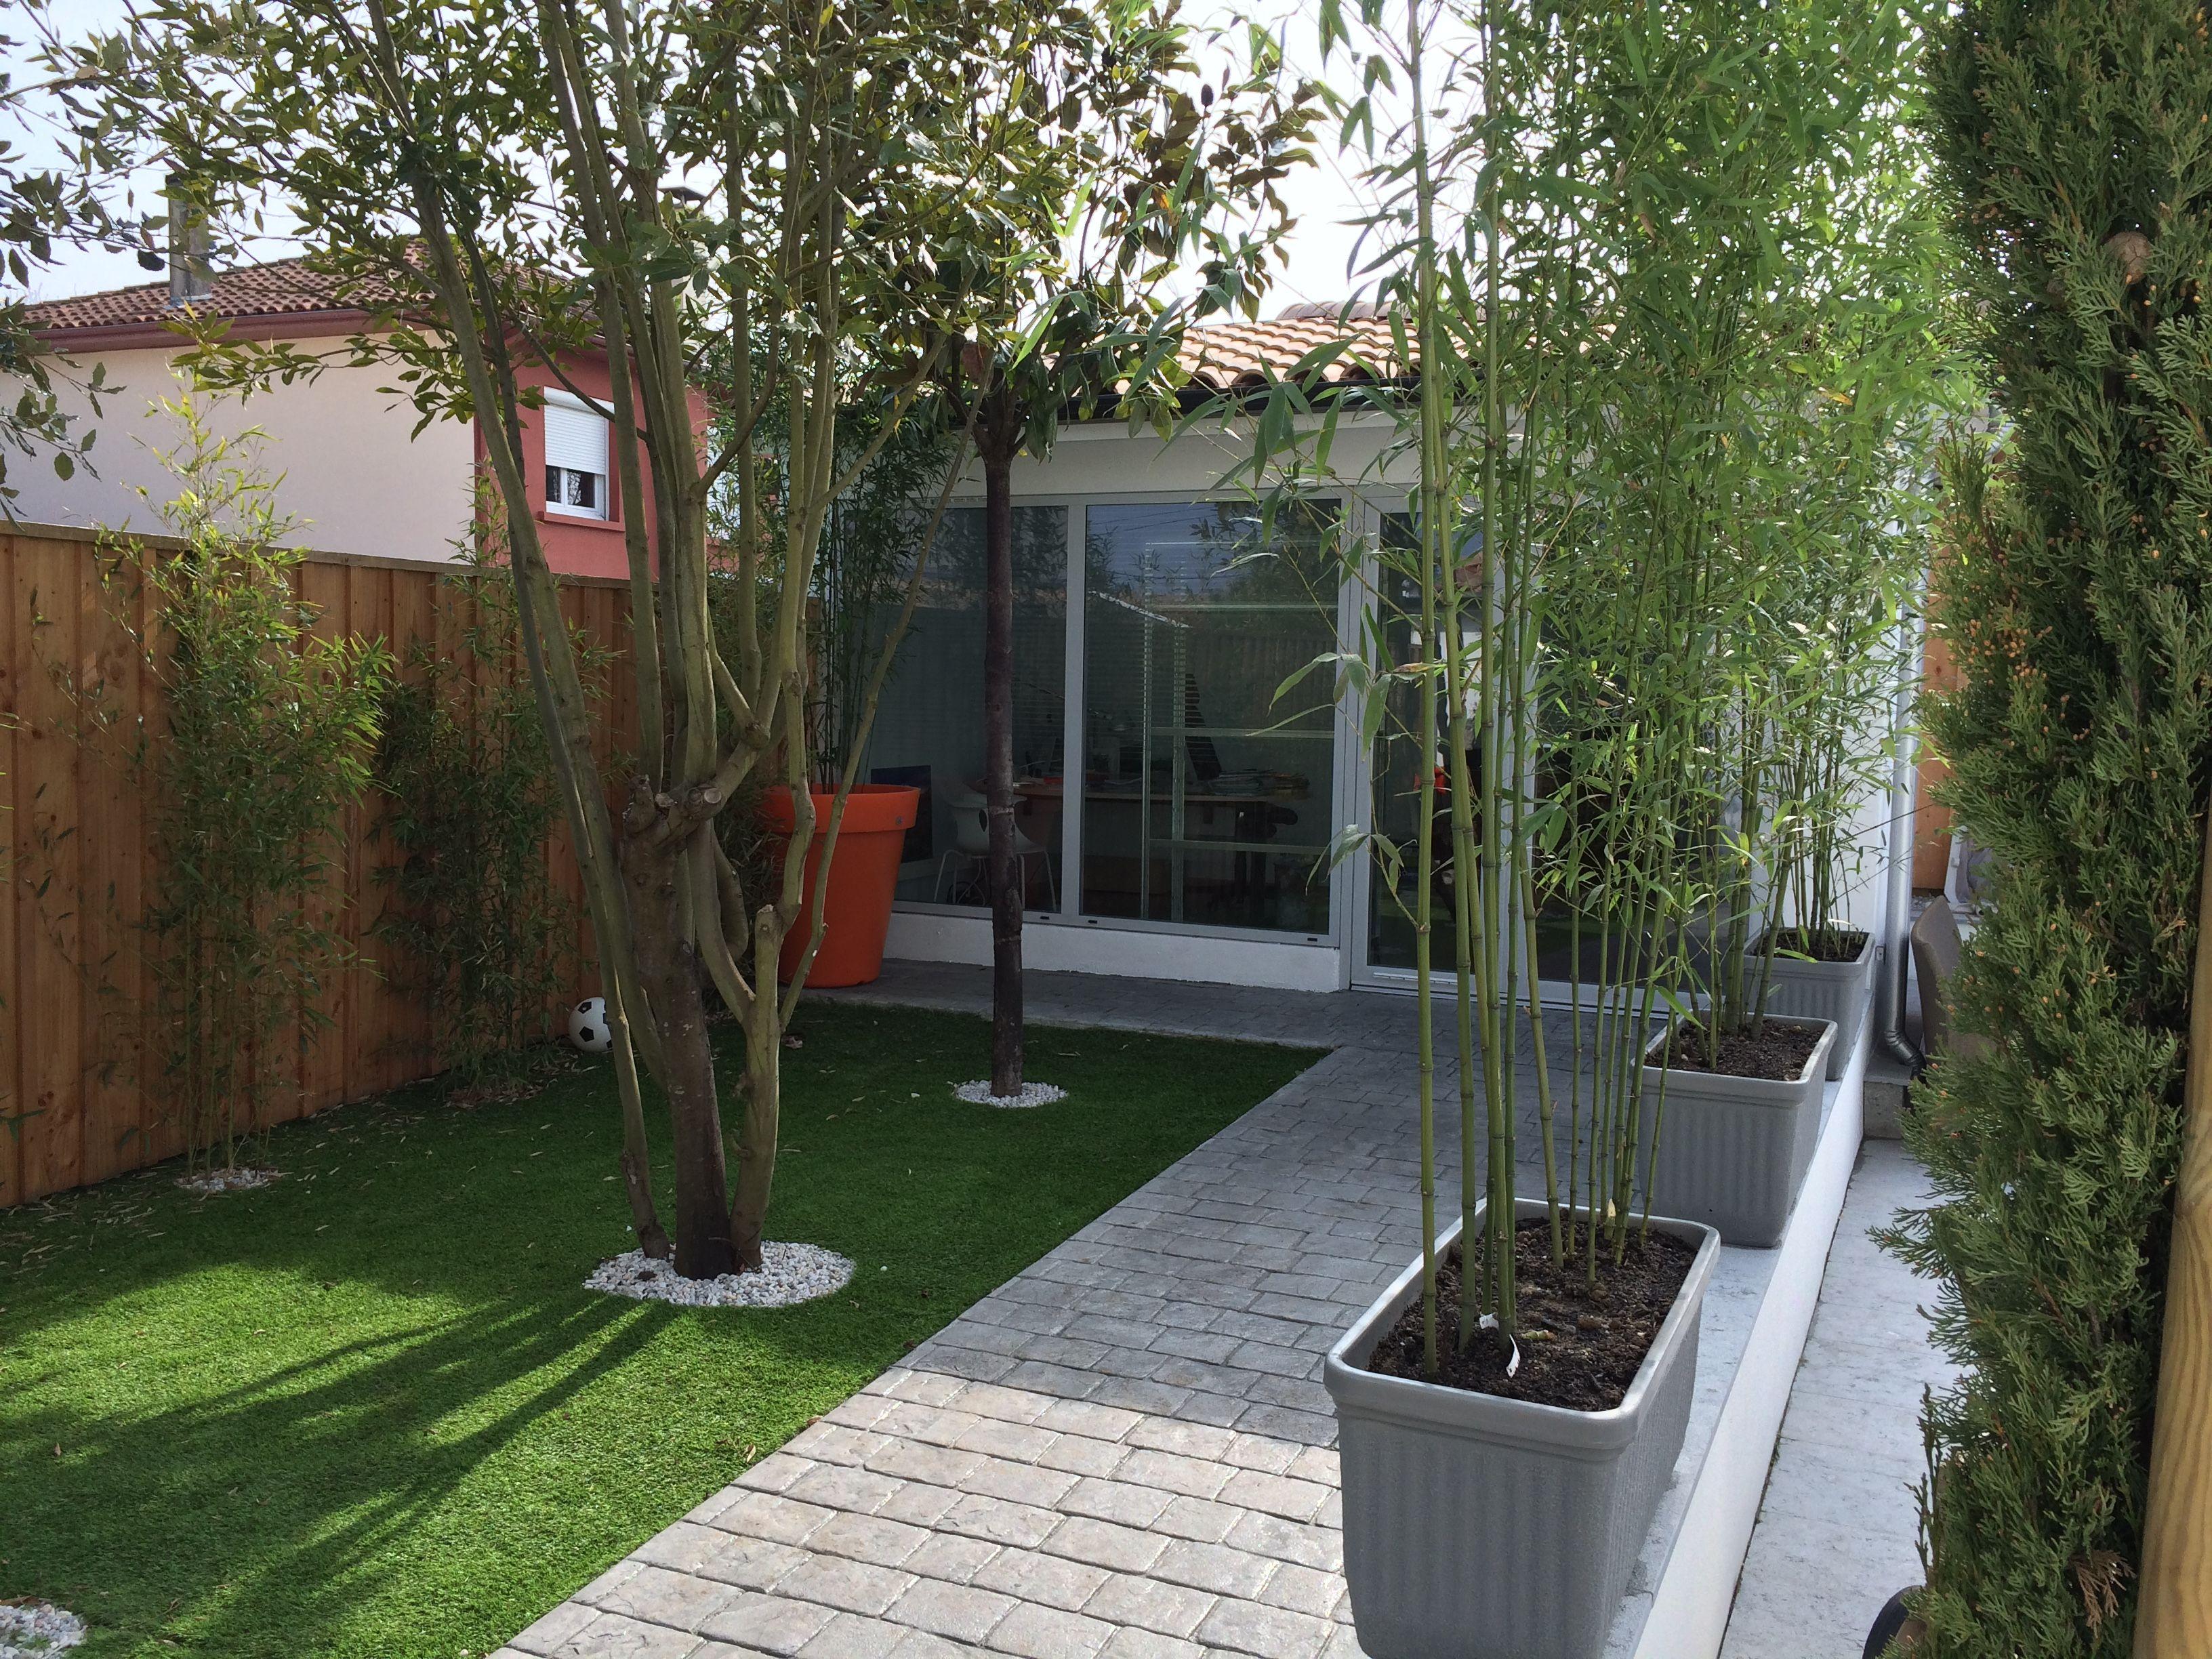 Creer Un Jardin Sans Entretien Devant Votre Bureau Petitjardin Jardin Jardindeville Gazon Gazonsynthetique Bambou En Pot Petits Jardins Amenagement Jardin